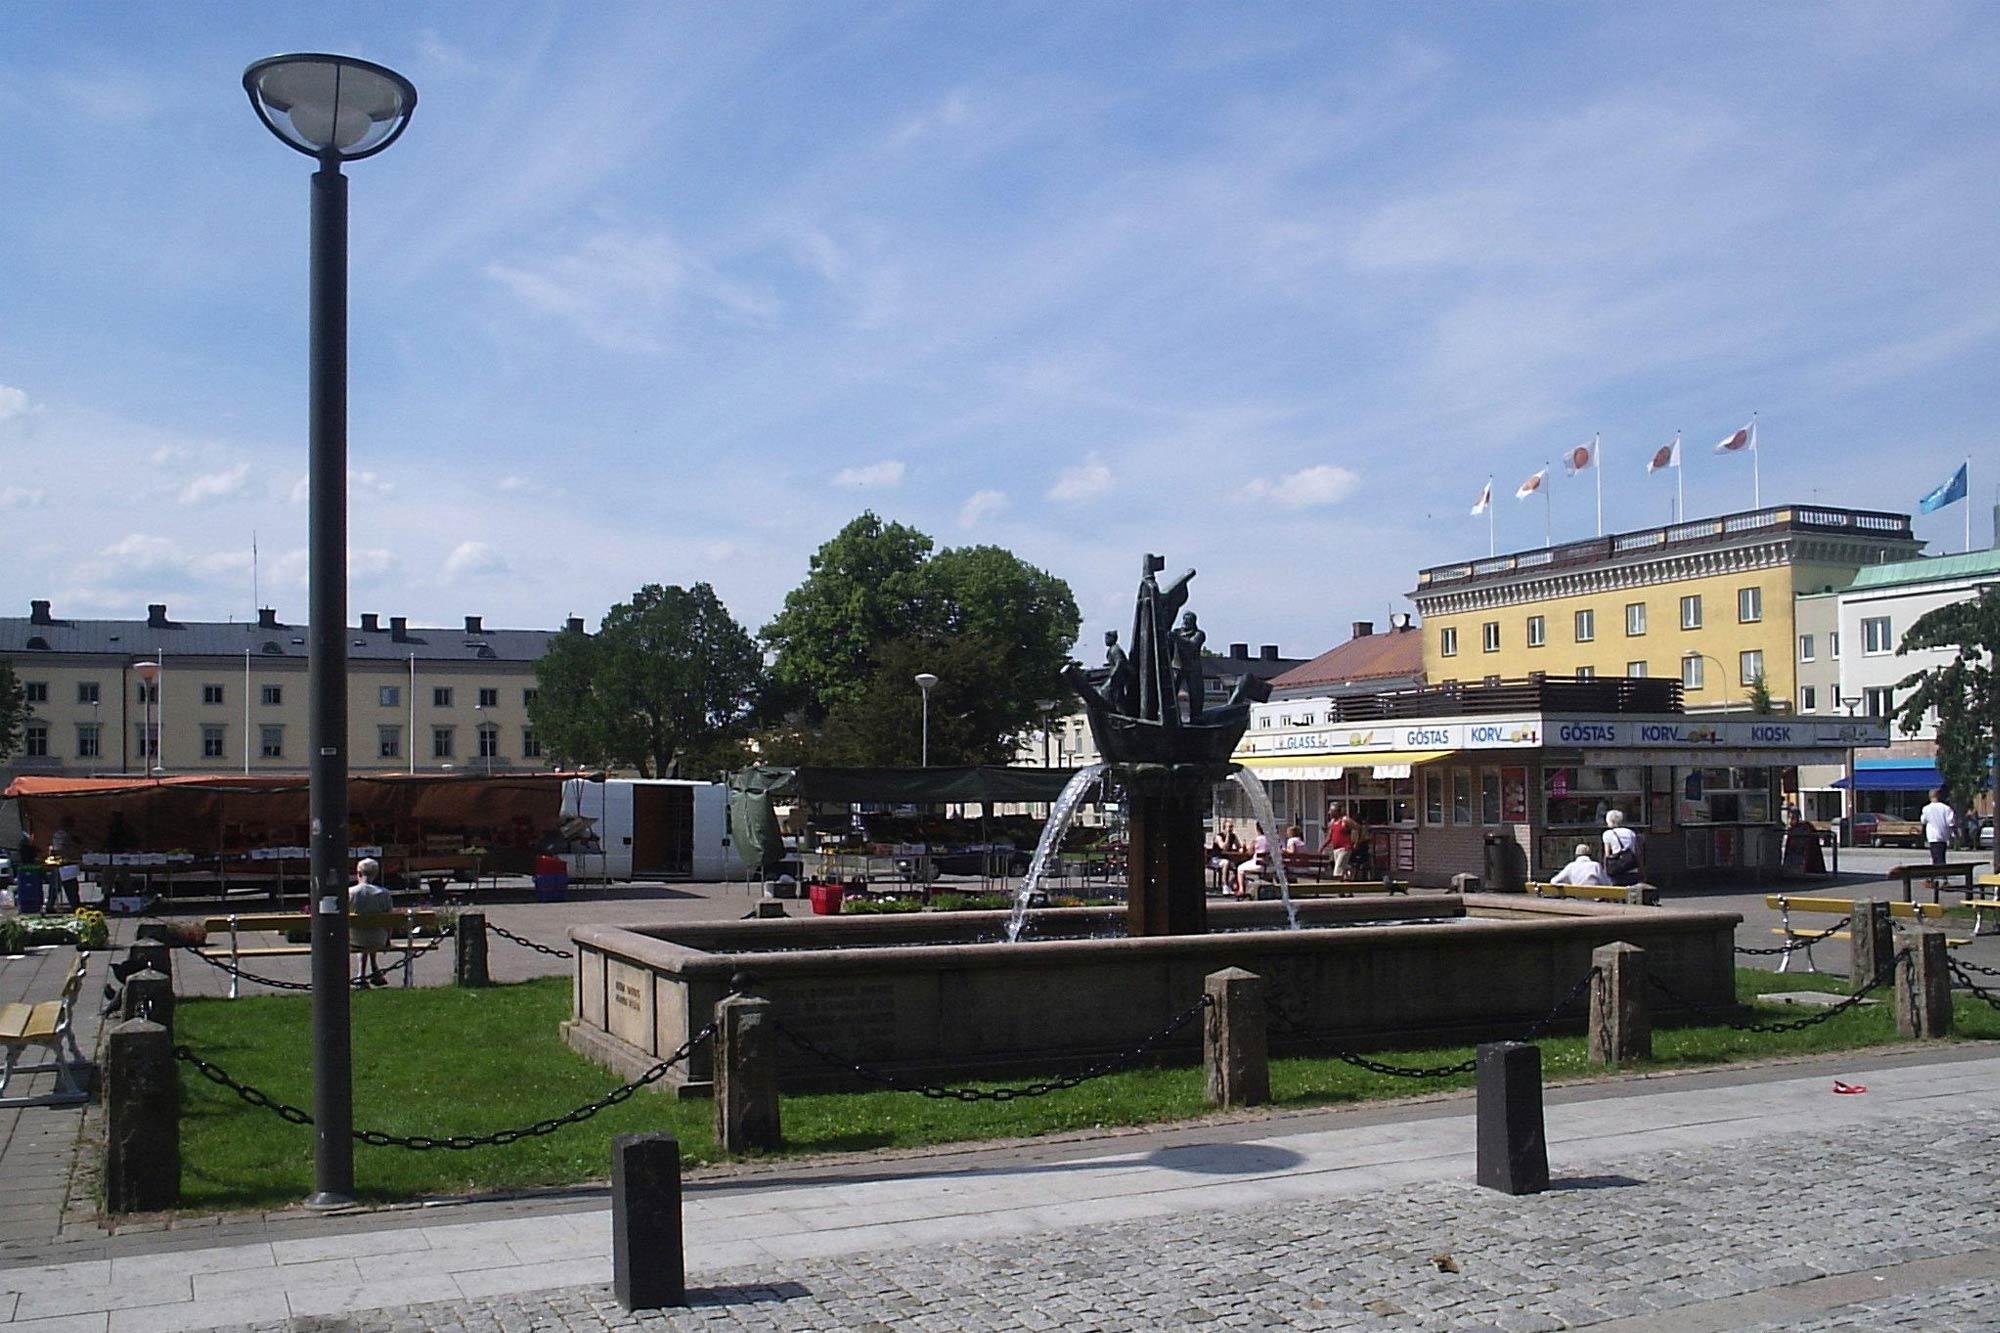 Låssmed Vänersborg